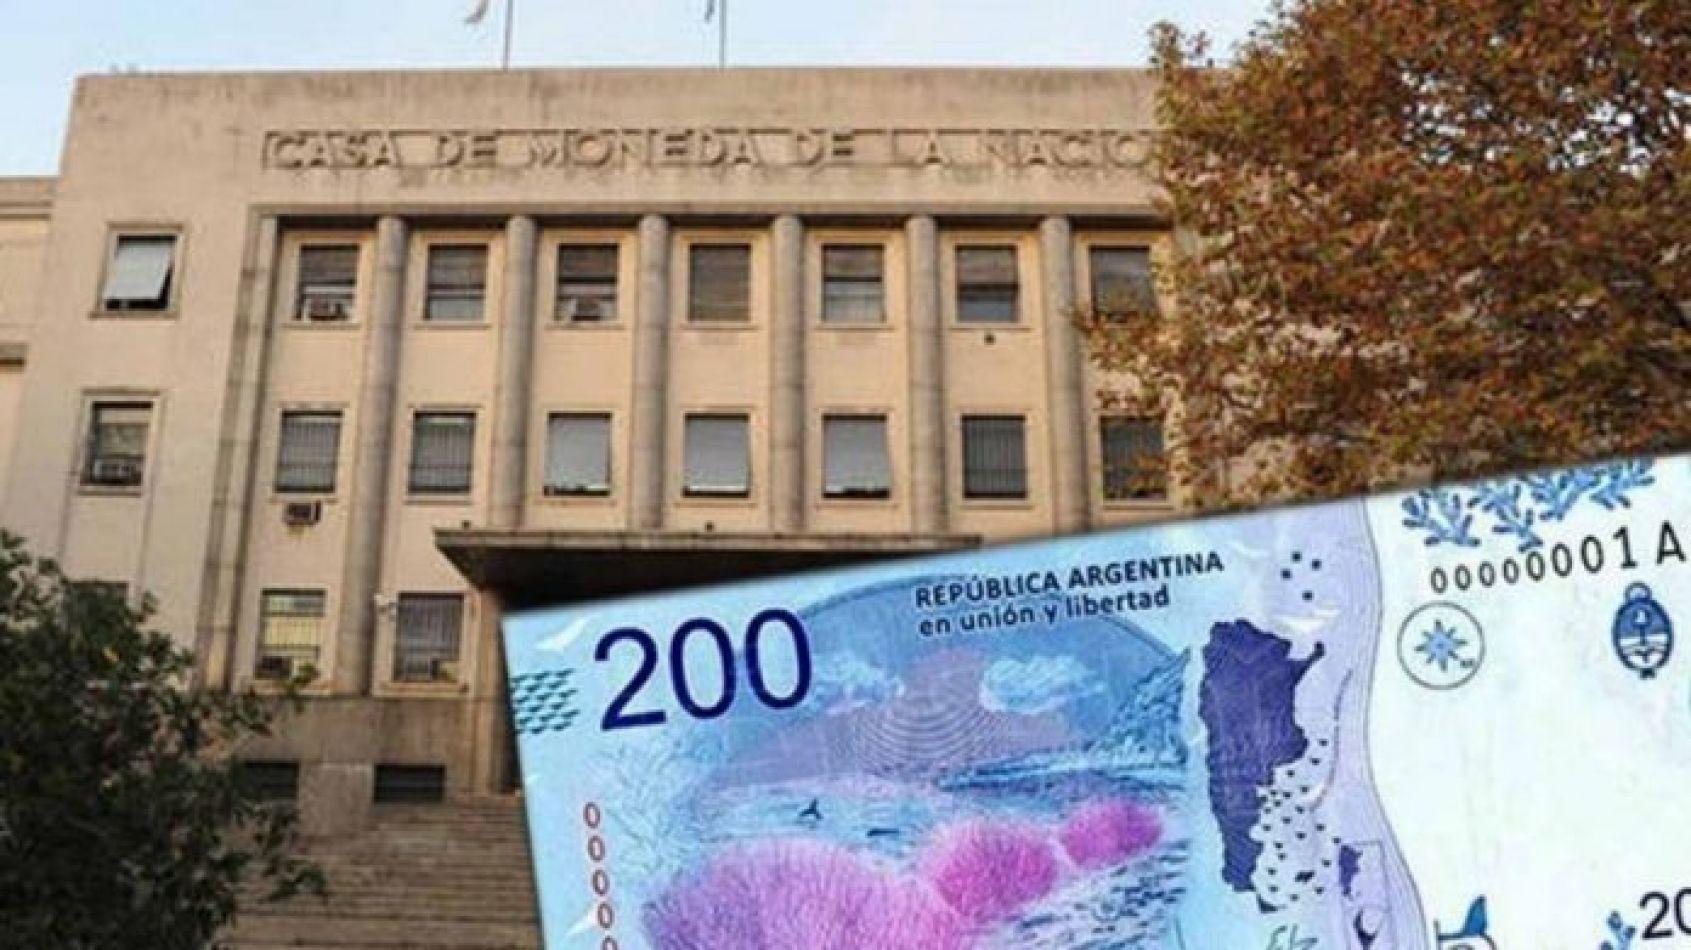 La Casa de la Moneda abrió una investigación por la desaparición de planchas de papel